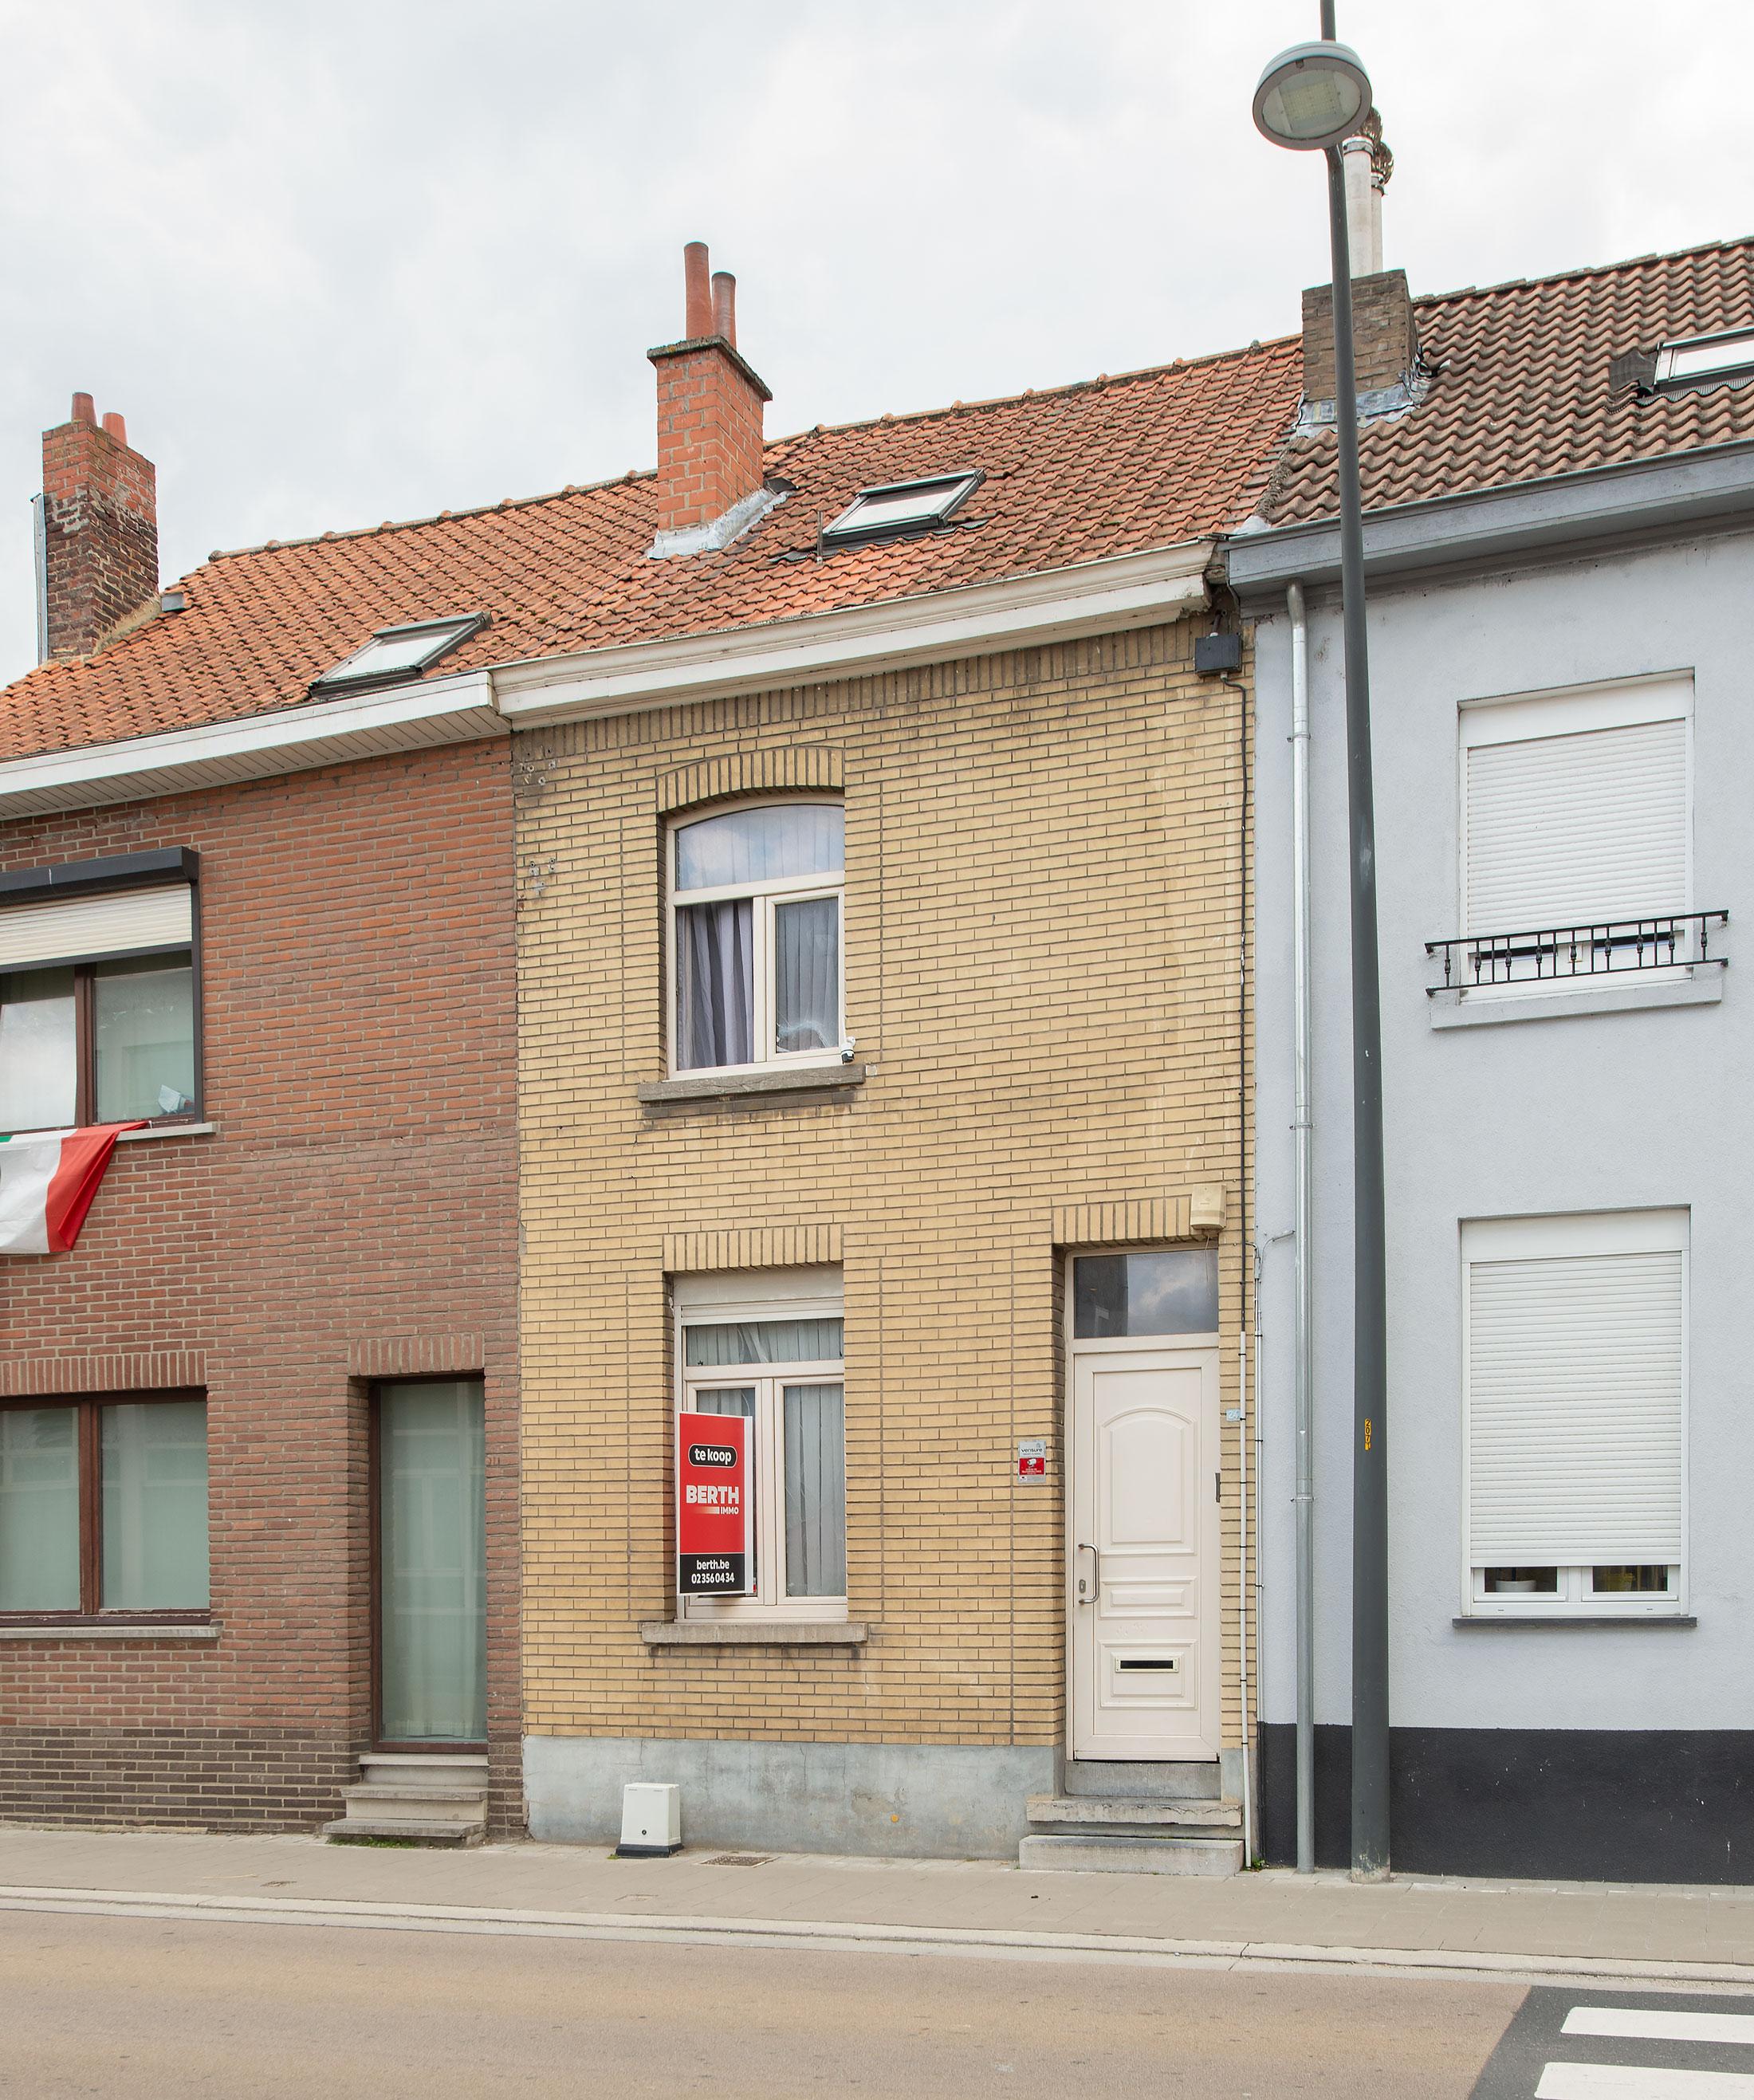 Fabriekstraat 24, 1601 Ruisbroek